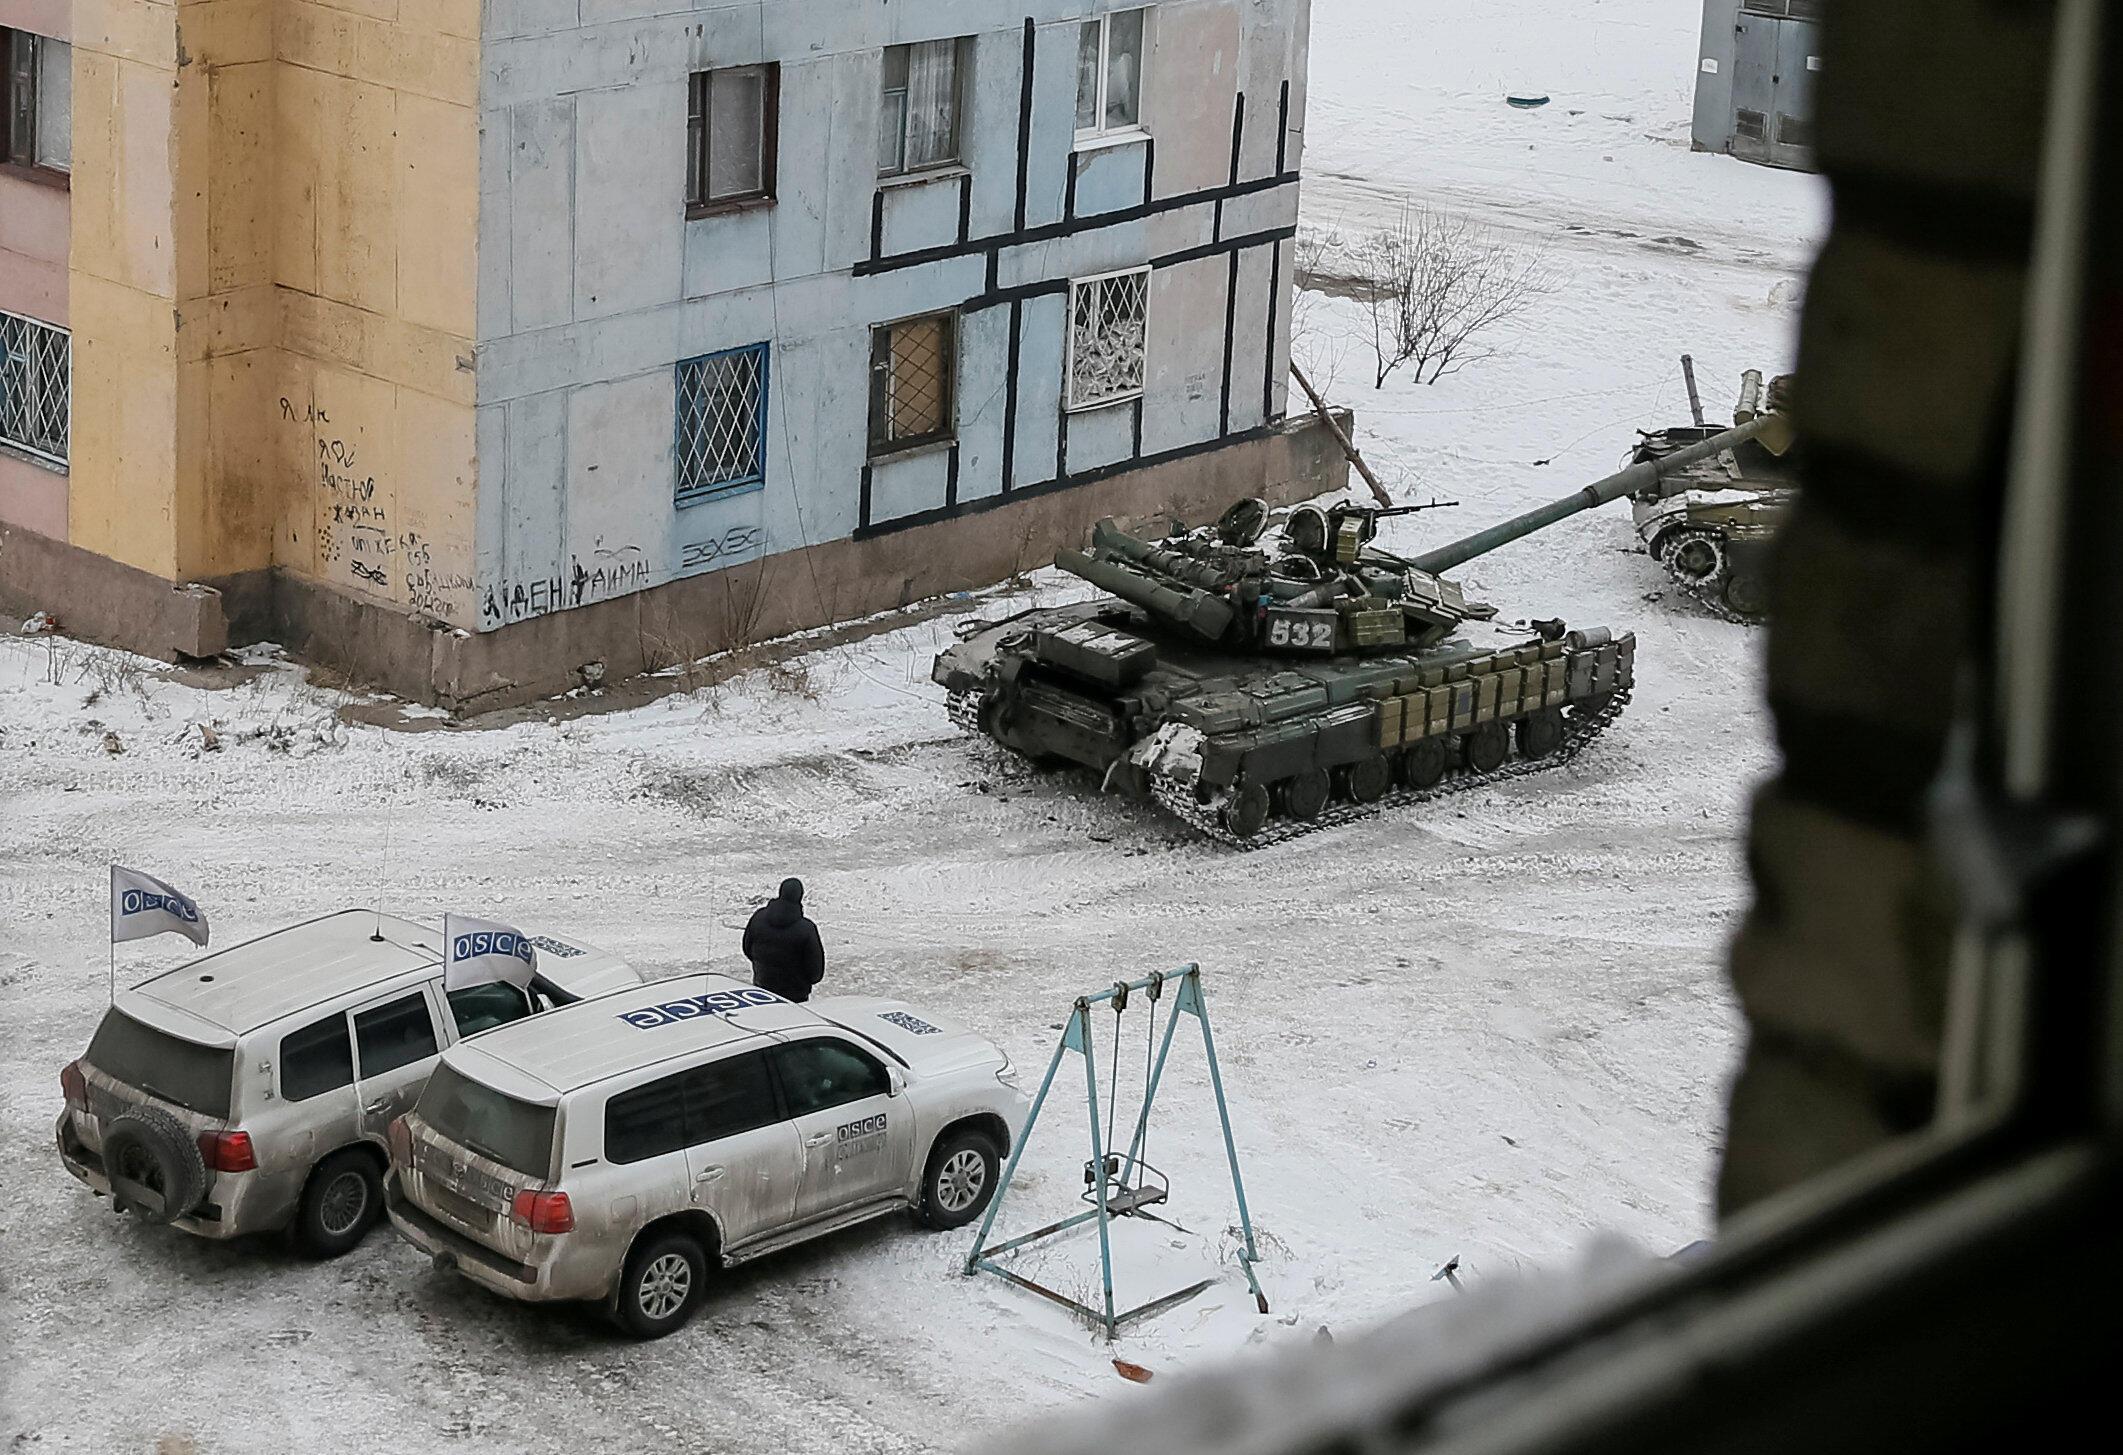 Xe của Tổ chức An ninh và Hợp tác châu Âu ( OSCE ) và xe tăng tại thành phố Avdiyvka, Ukriana, ngày 01/02/2017.